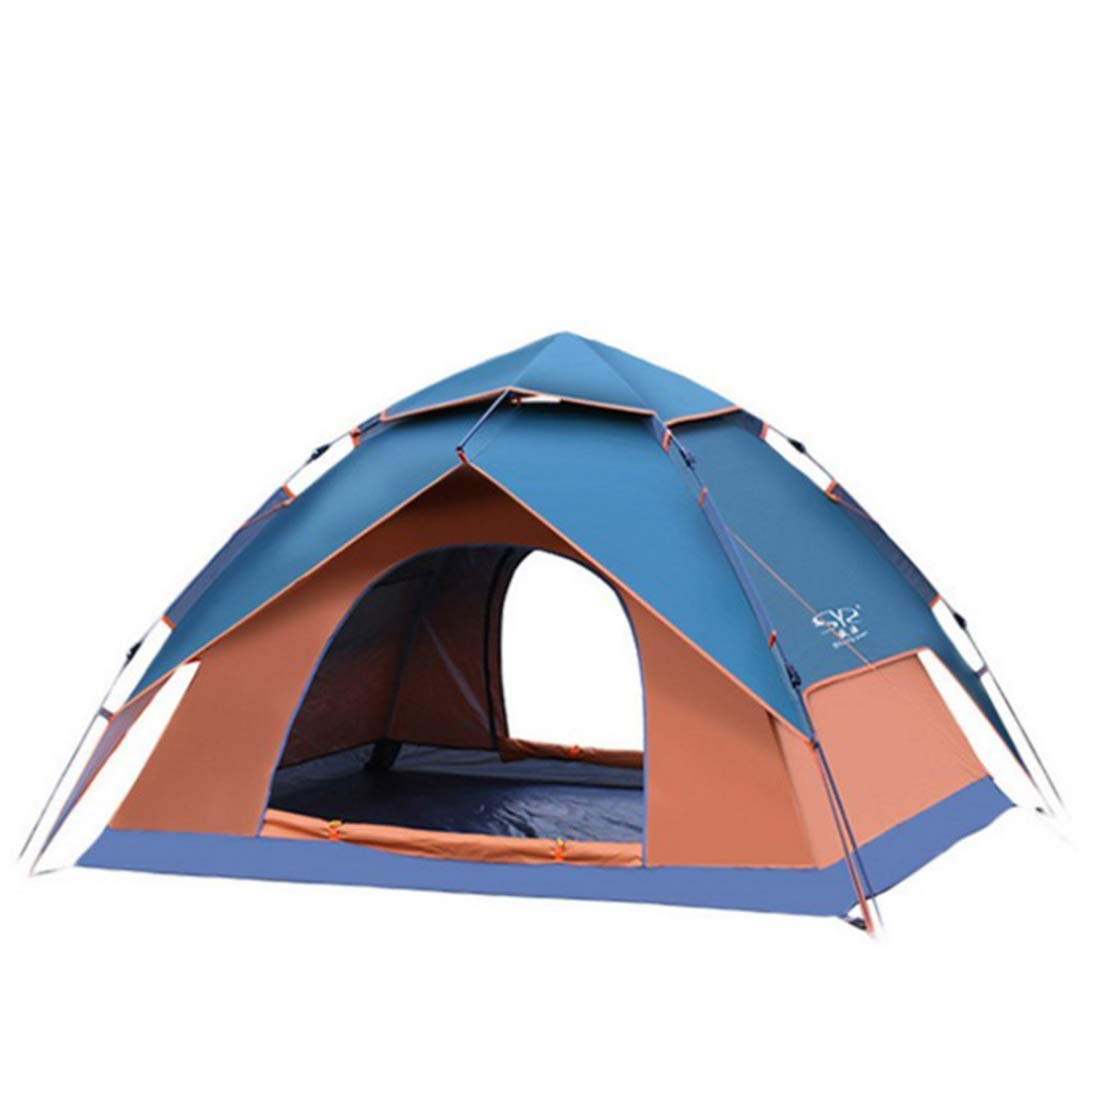 【日本産】 3-4人強いキャンプテント自動インスタントポップストラップテント超軽量防水ハイキング、パラソル蚊 B07P2KKR95 (色 : Orange) (色 Orange Orange B07P2KKR95, ライフスタイル&生活雑貨のMoFu:40a66097 --- ciadaterra.com